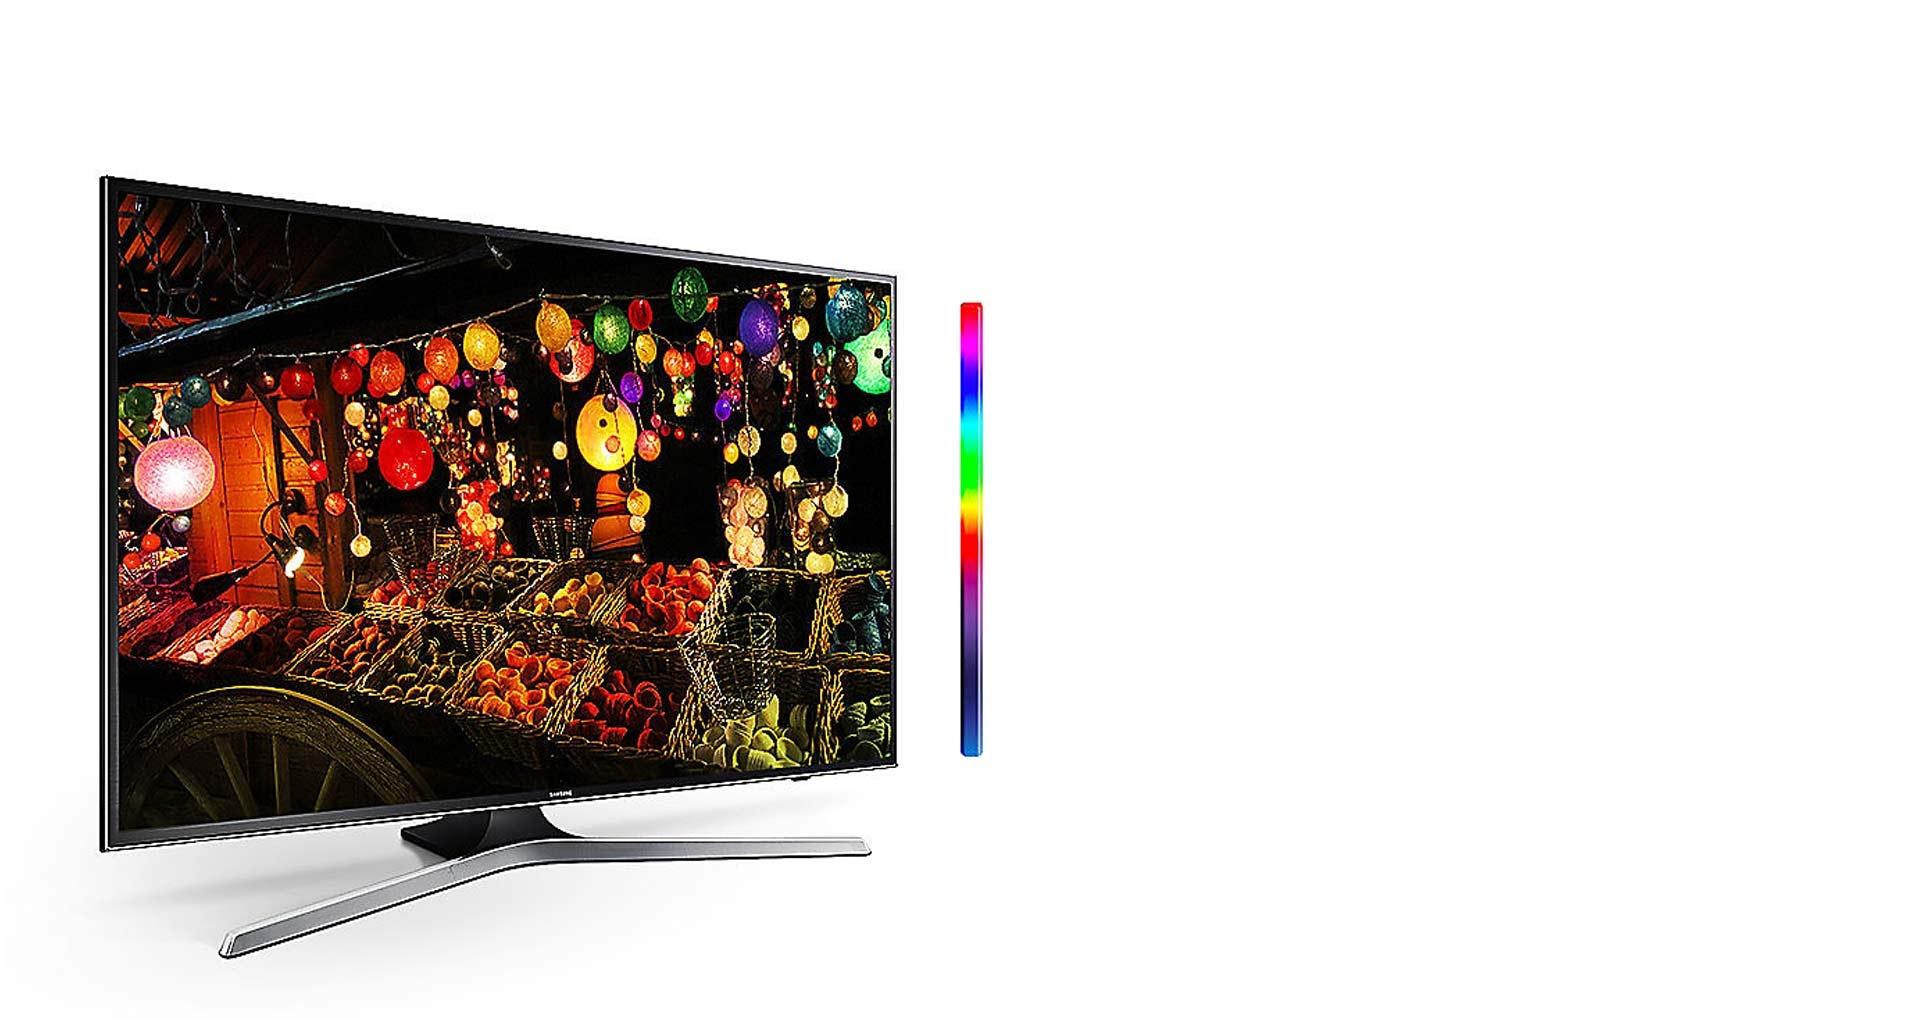 تجربه رنگ های طبیعی با ال ای دی هوشمند UHD 4K